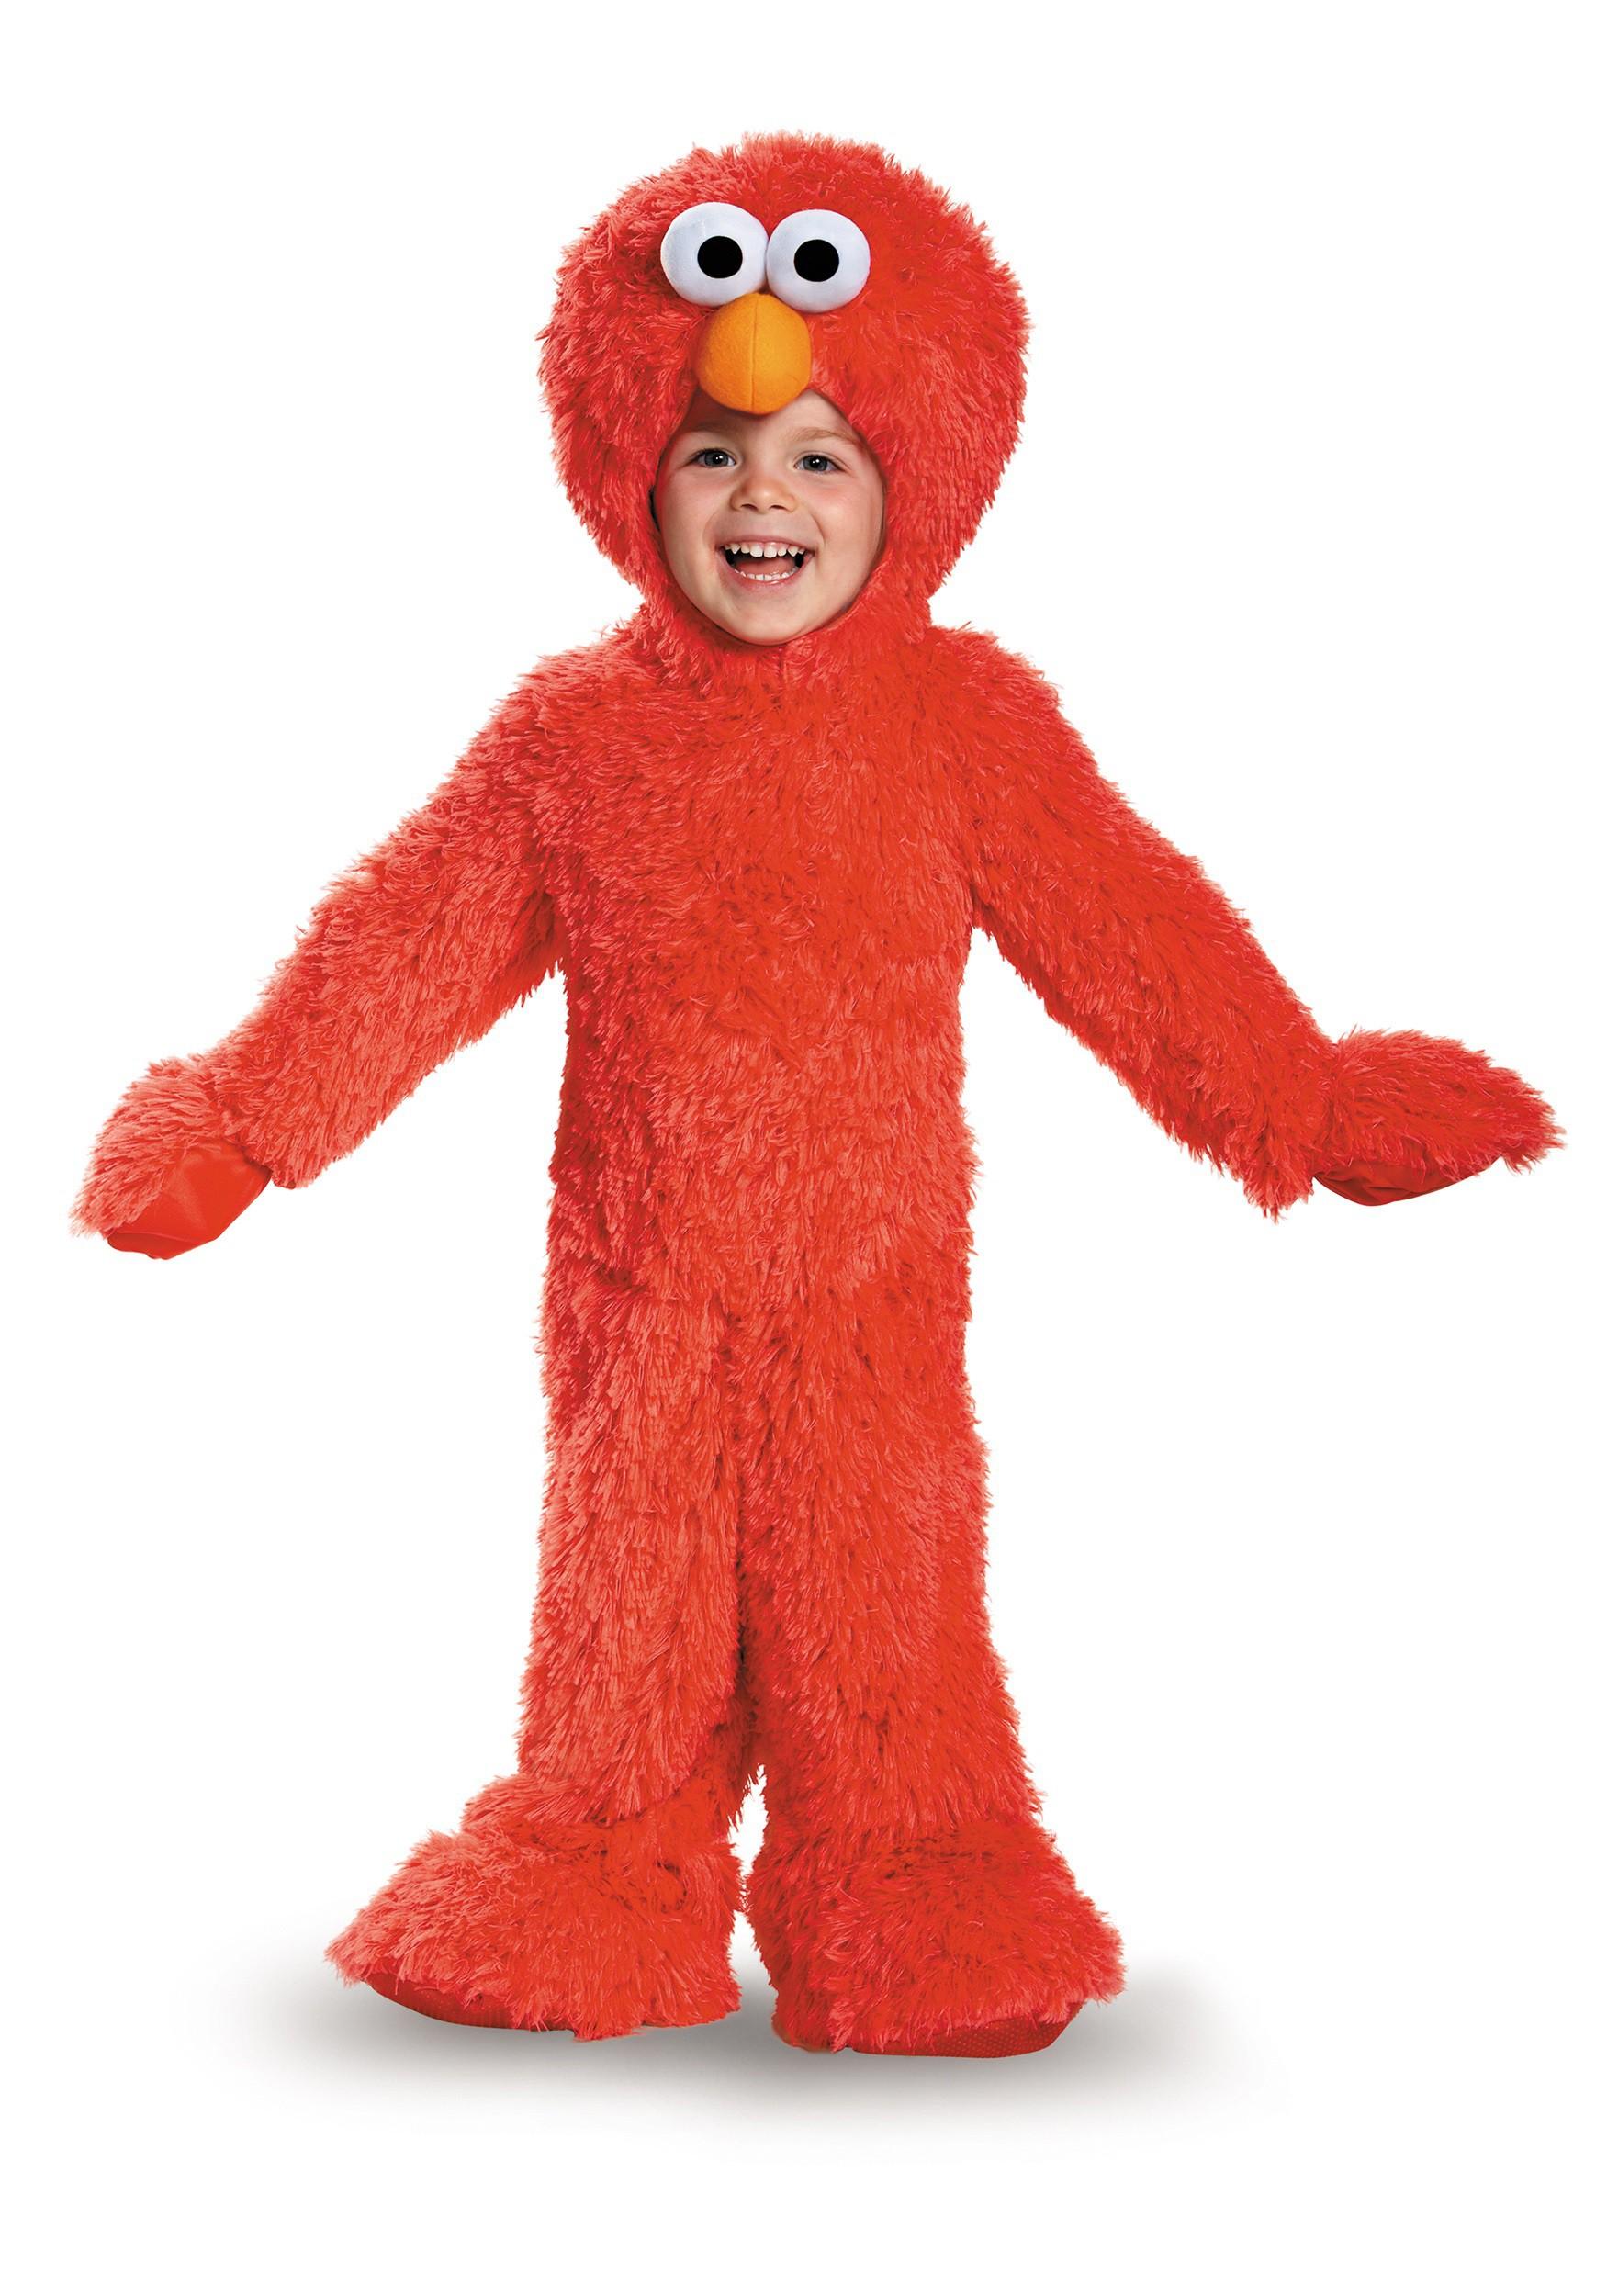 InfantToddler Elmo Plush Costume